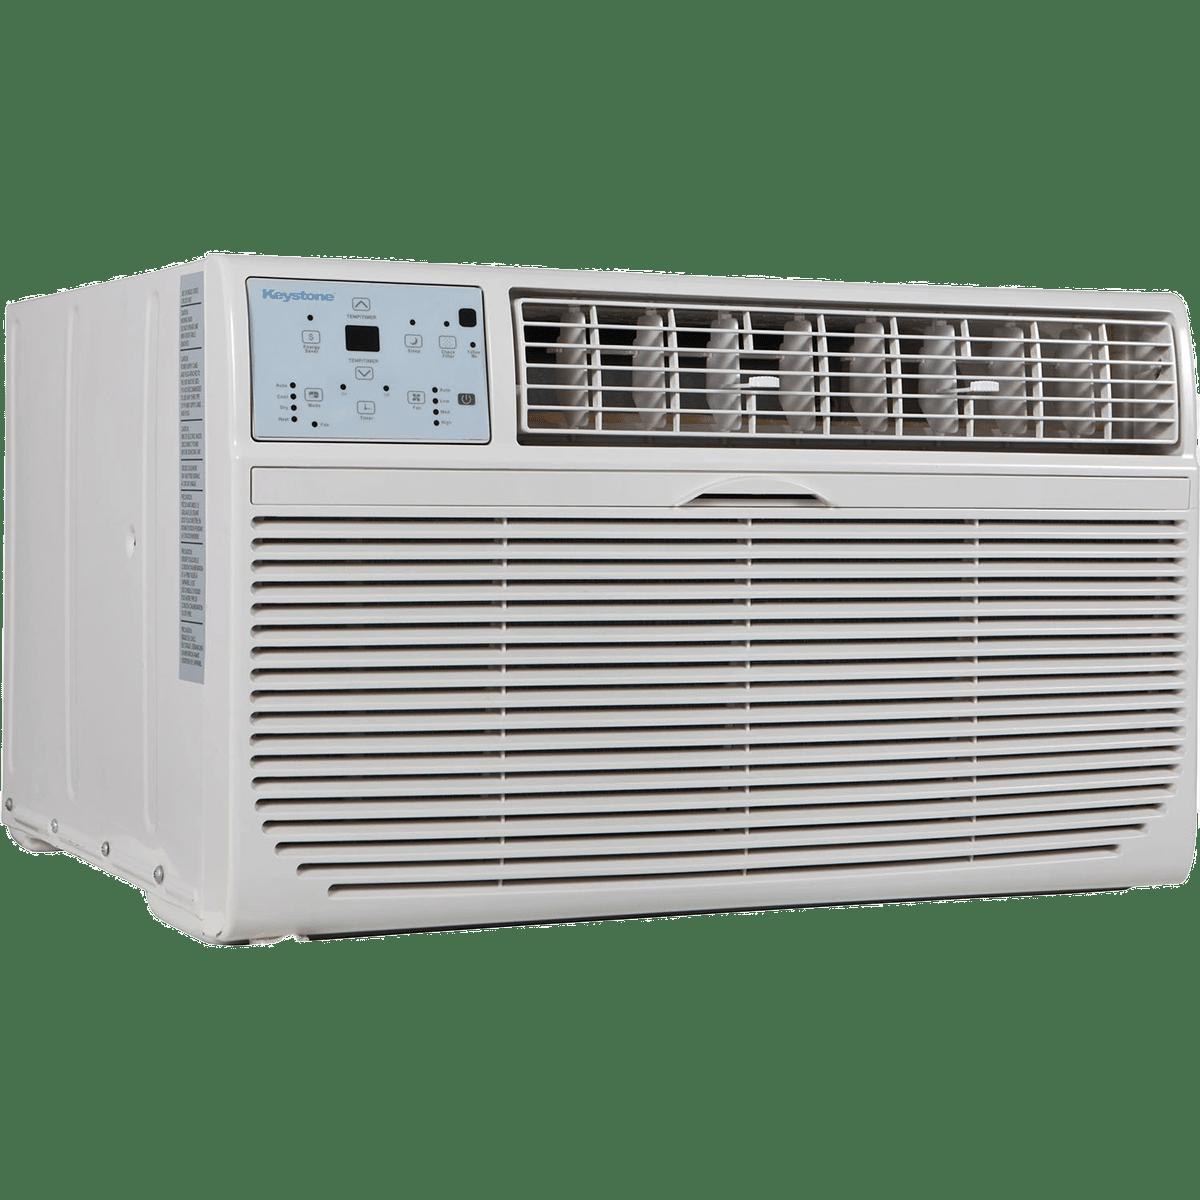 Keystone 12,000 BTU Through-the-Wall Air Conditioner w/ Heat